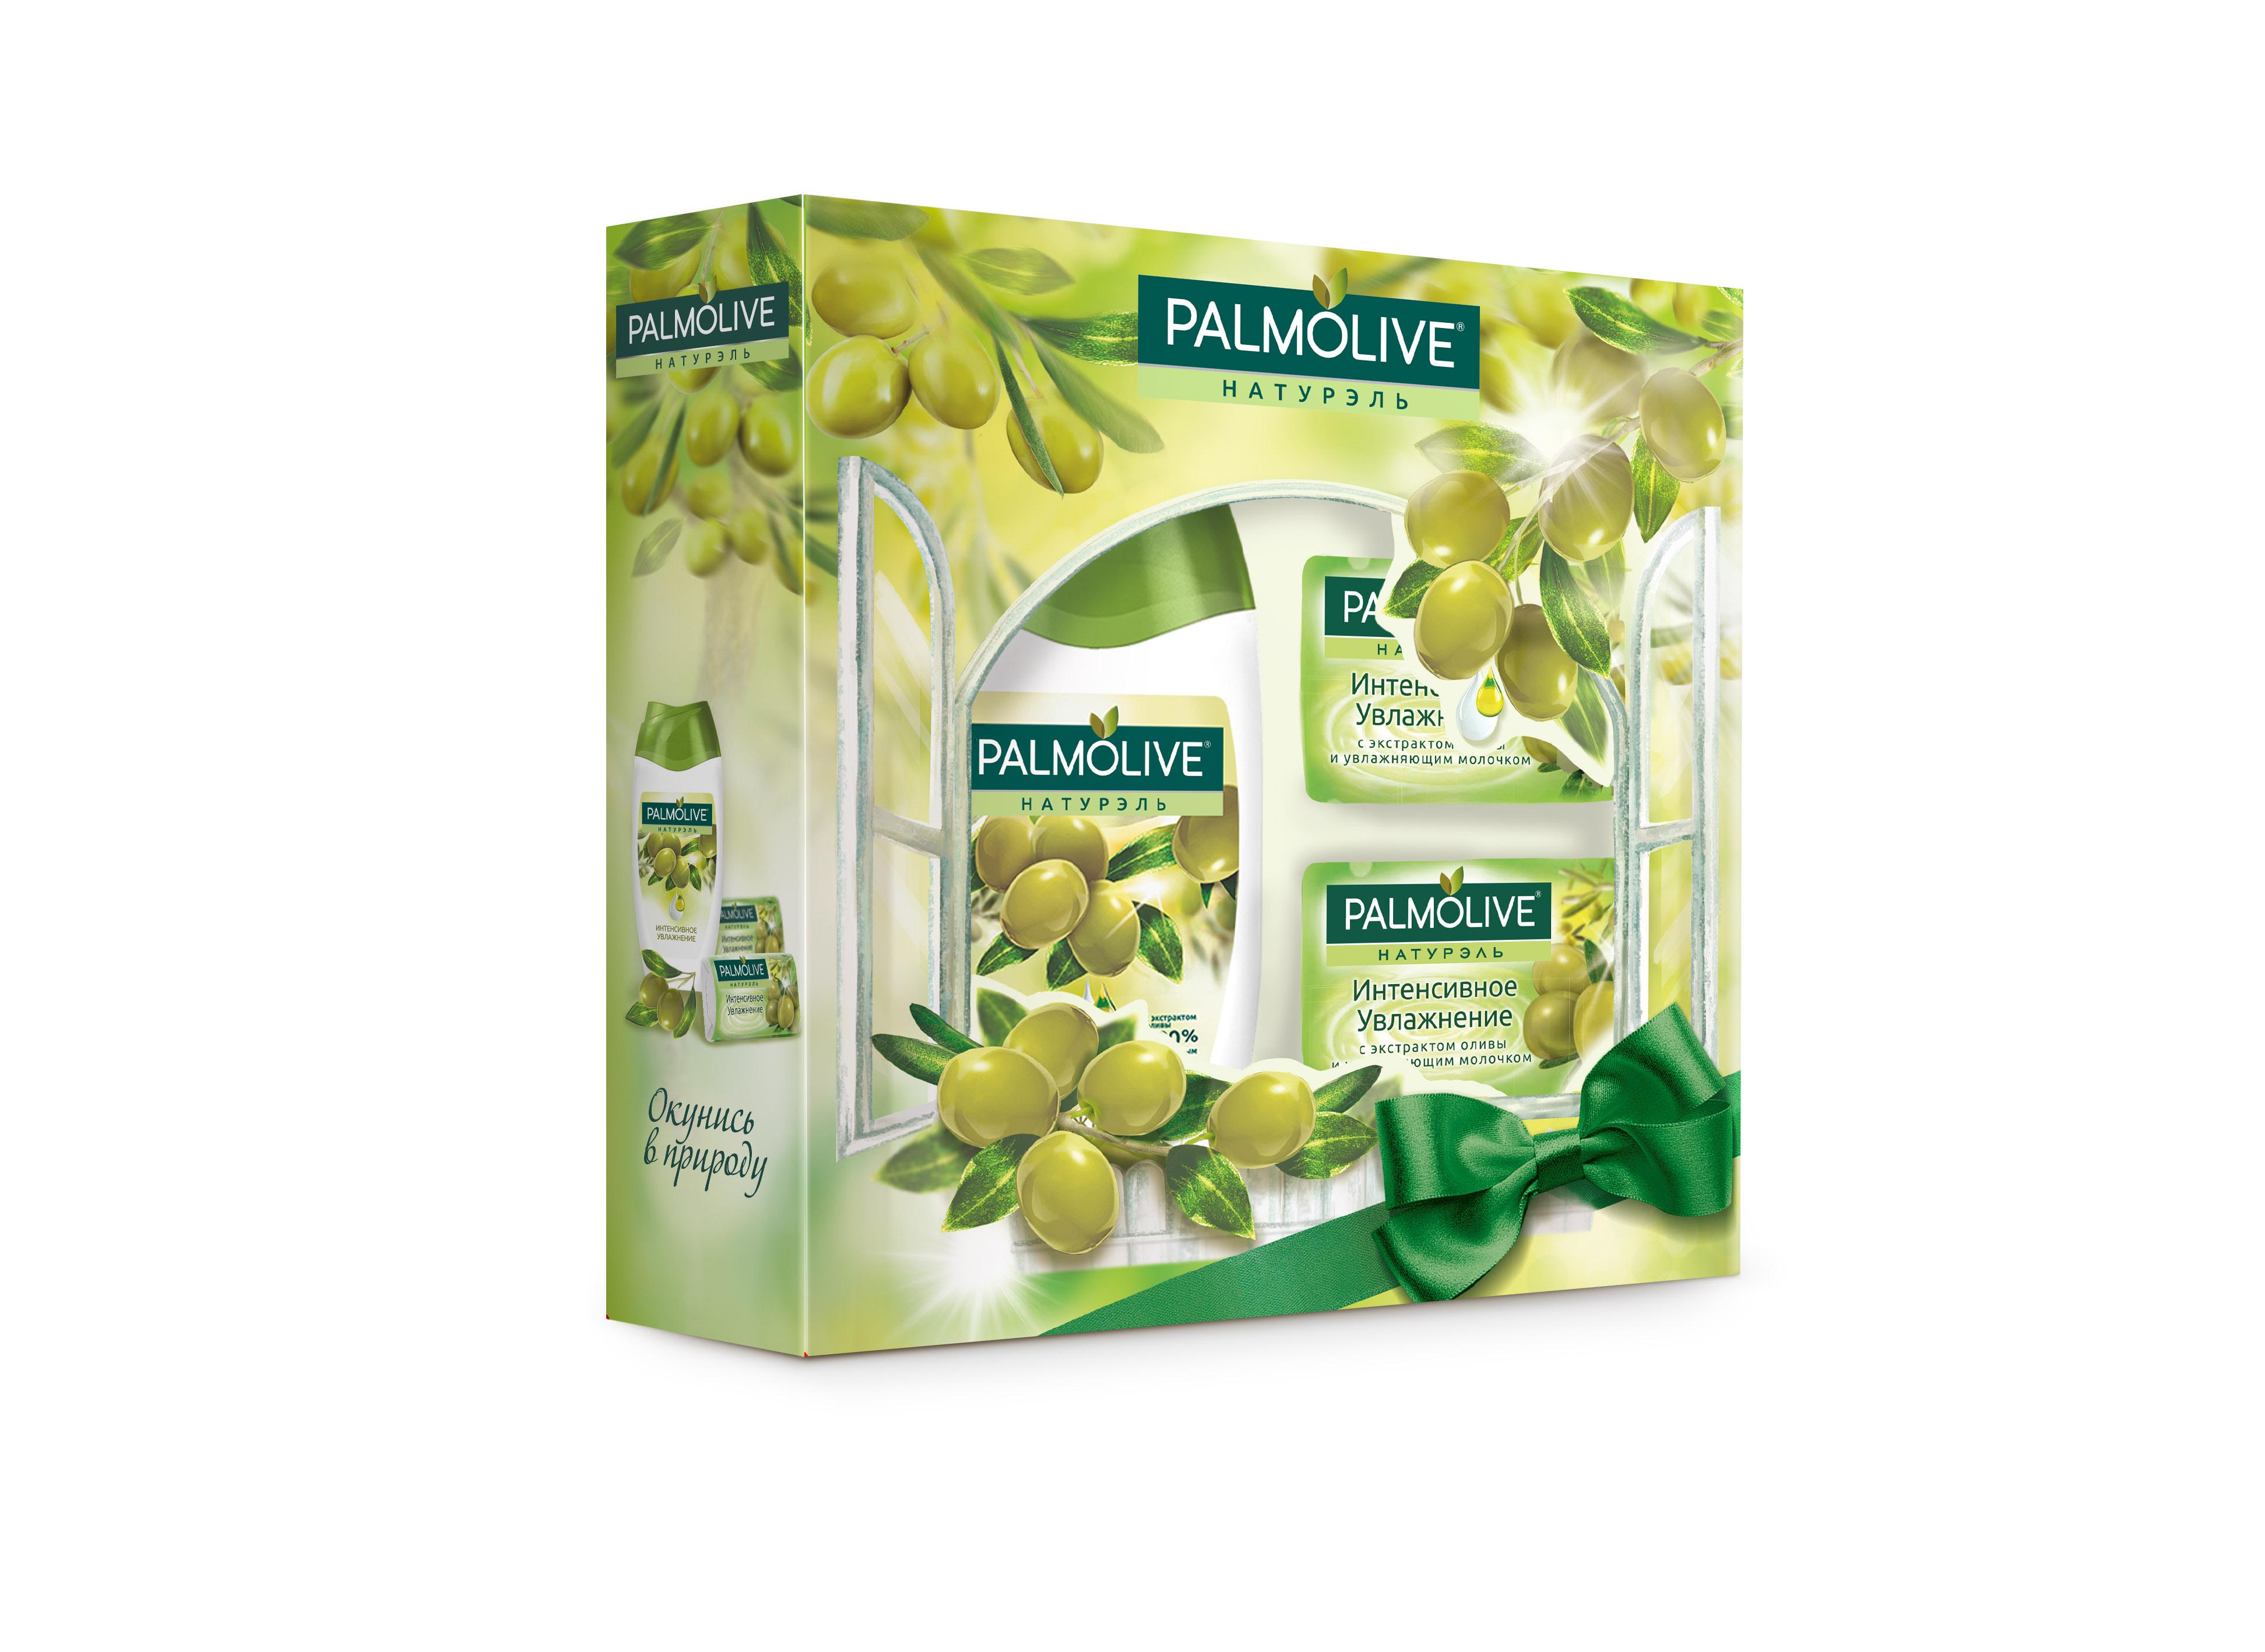 Подарочный набор Palmolive Натурэль Интенсивное Увлажнение с экстрактом оливы15032030Гель для душа Олива 250мл - 1шт, кусковое мыло Олива 2шт - 2шт в коробке